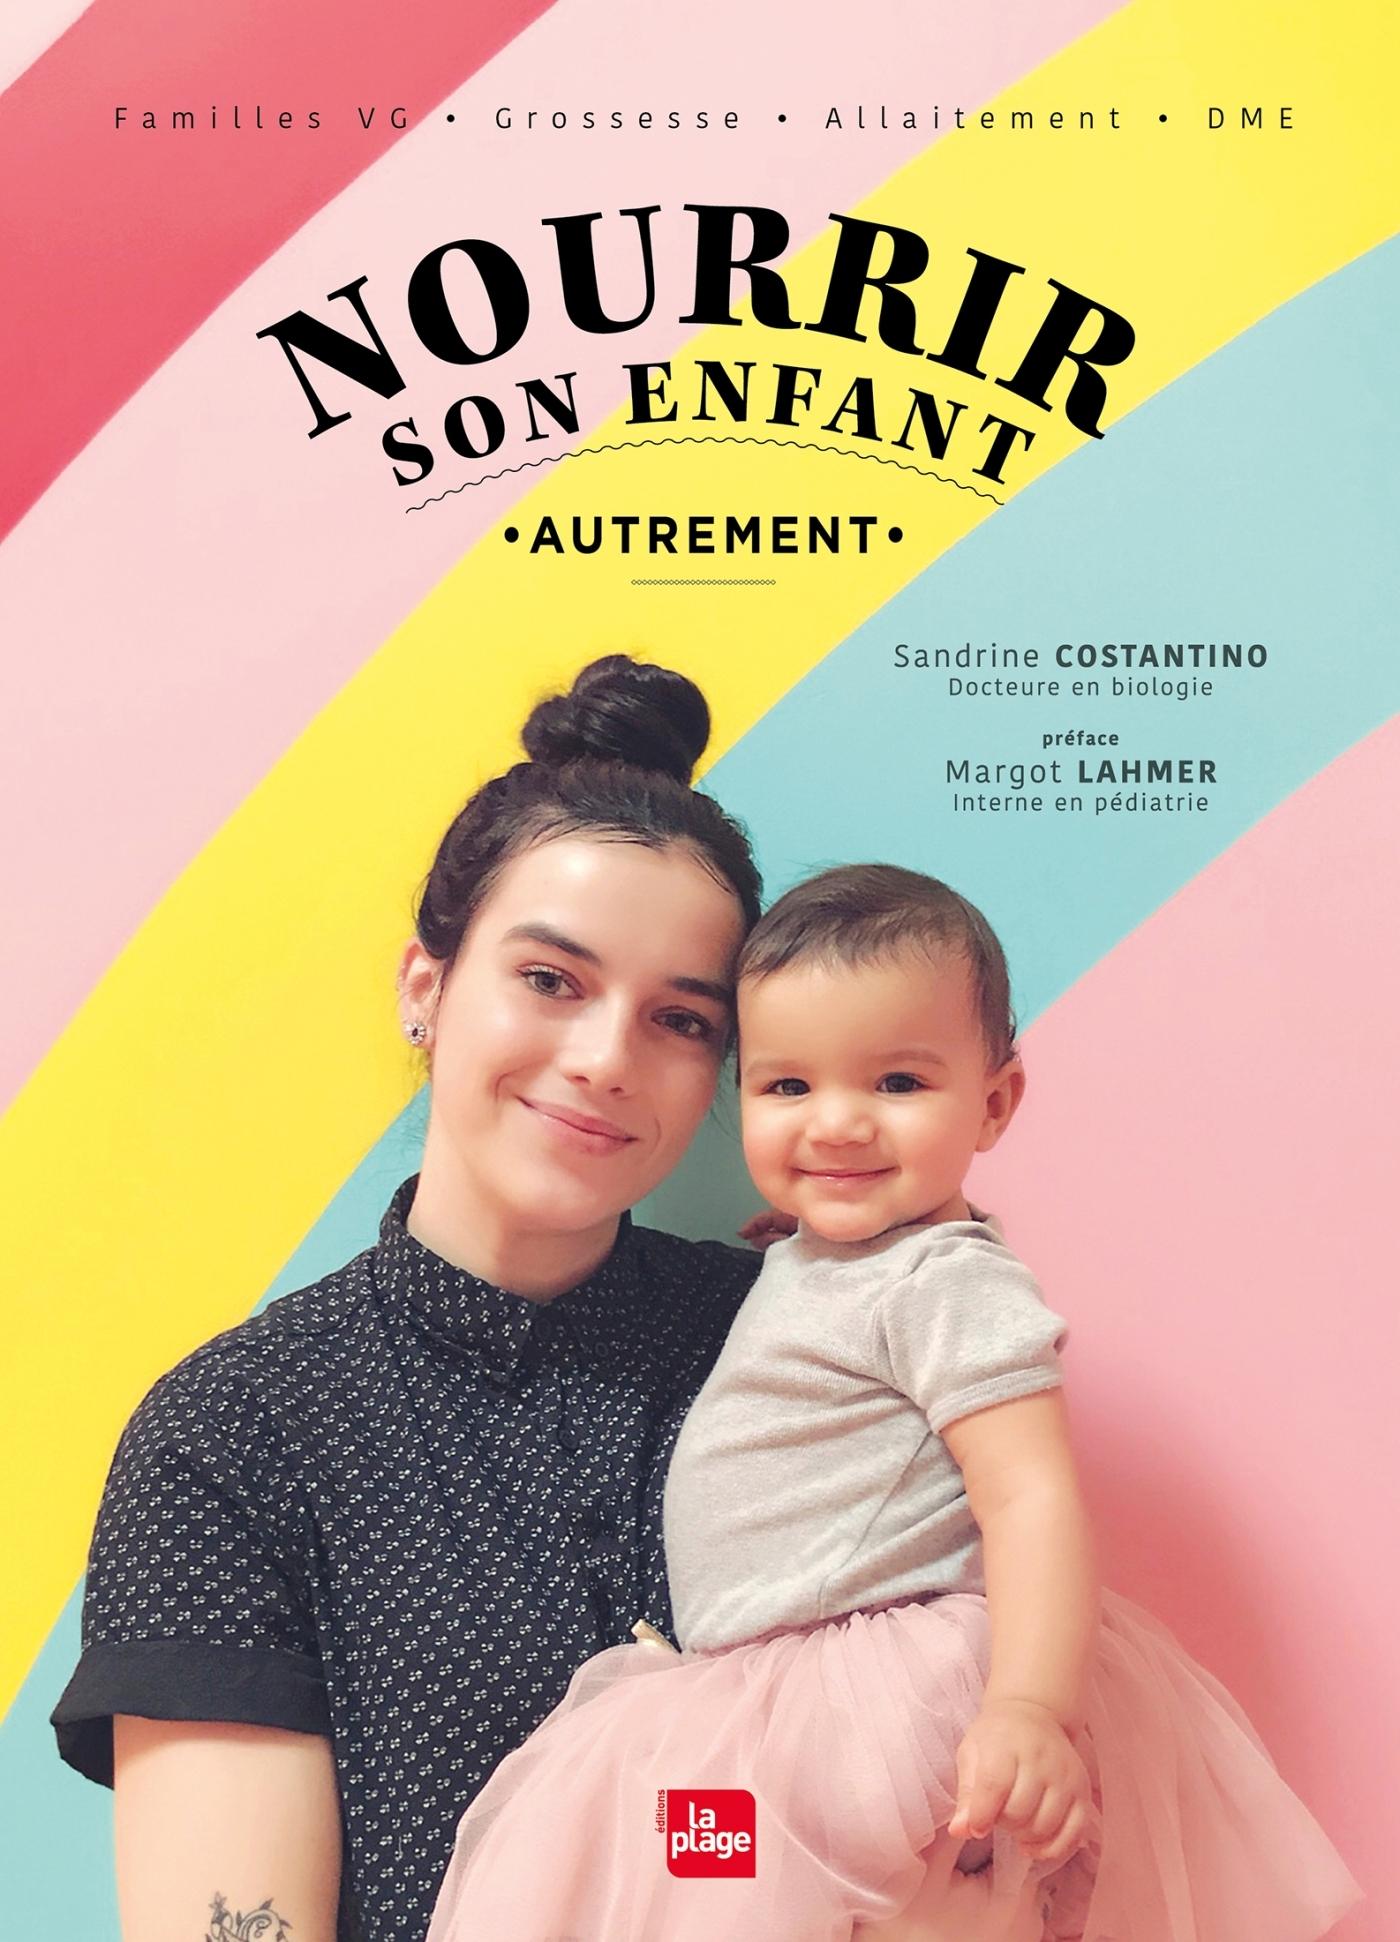 NOURRIR SON ENFANT AUTREMENT